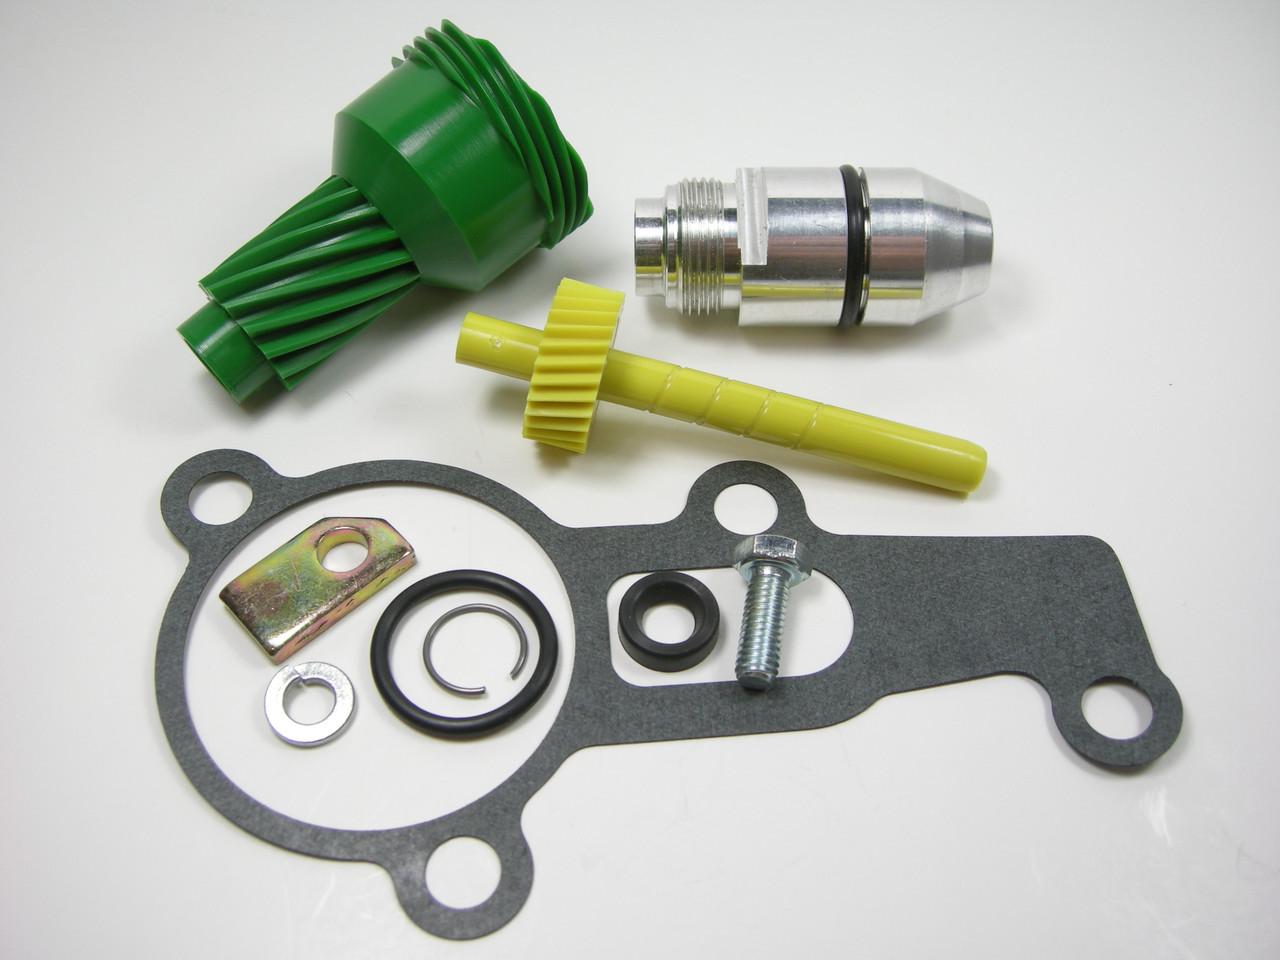 10 & 28 Tooth 2004R Complete Speedometer Kit w/ Gasket Gears Housing 200-4R